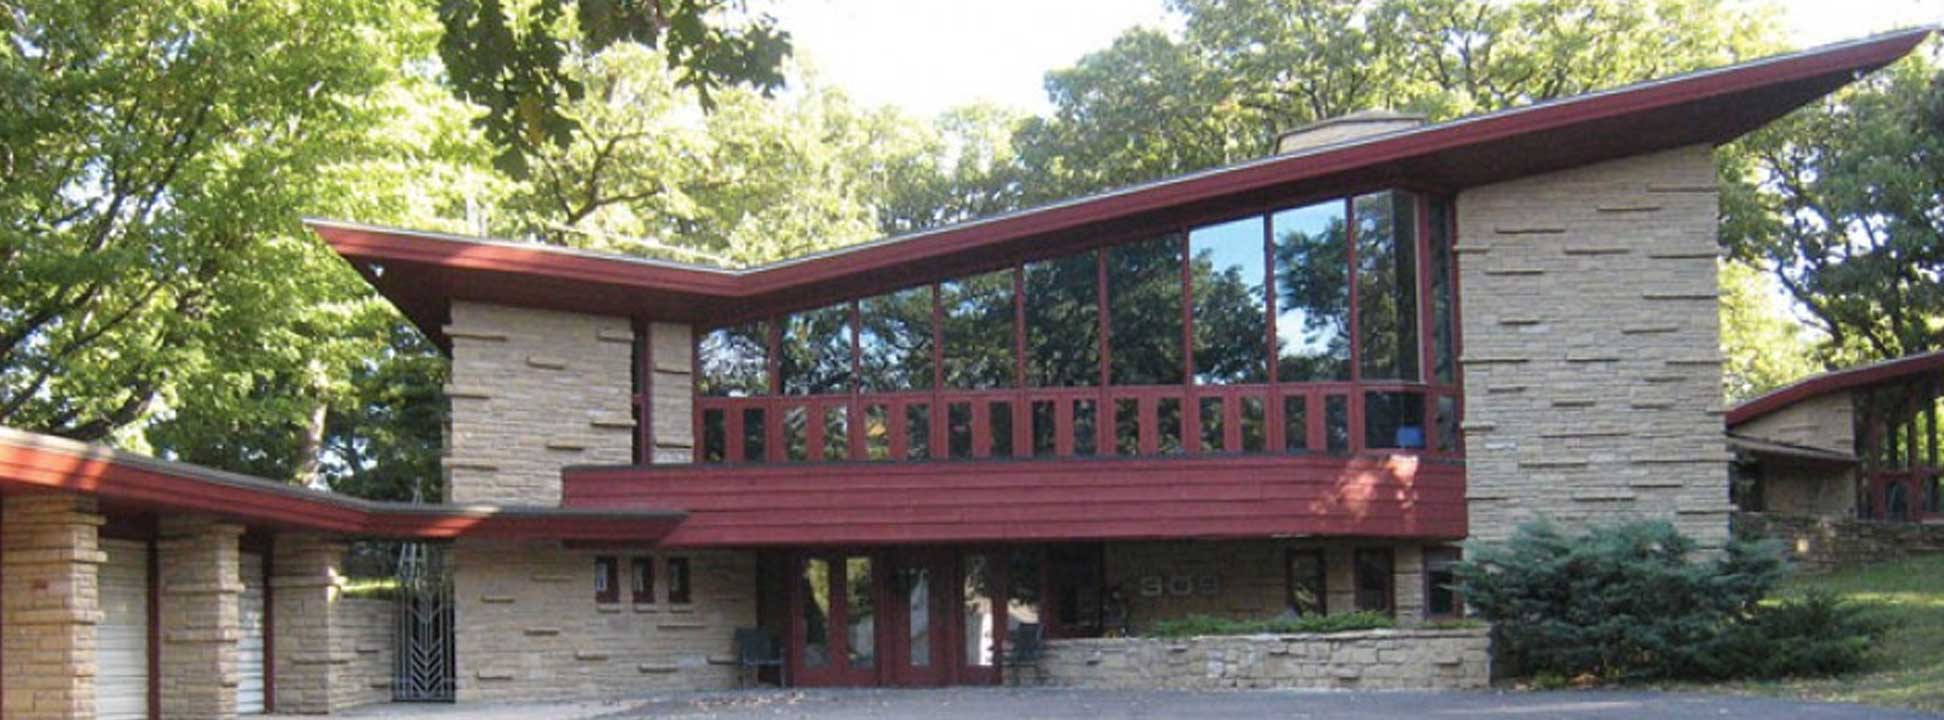 Austin Guest House